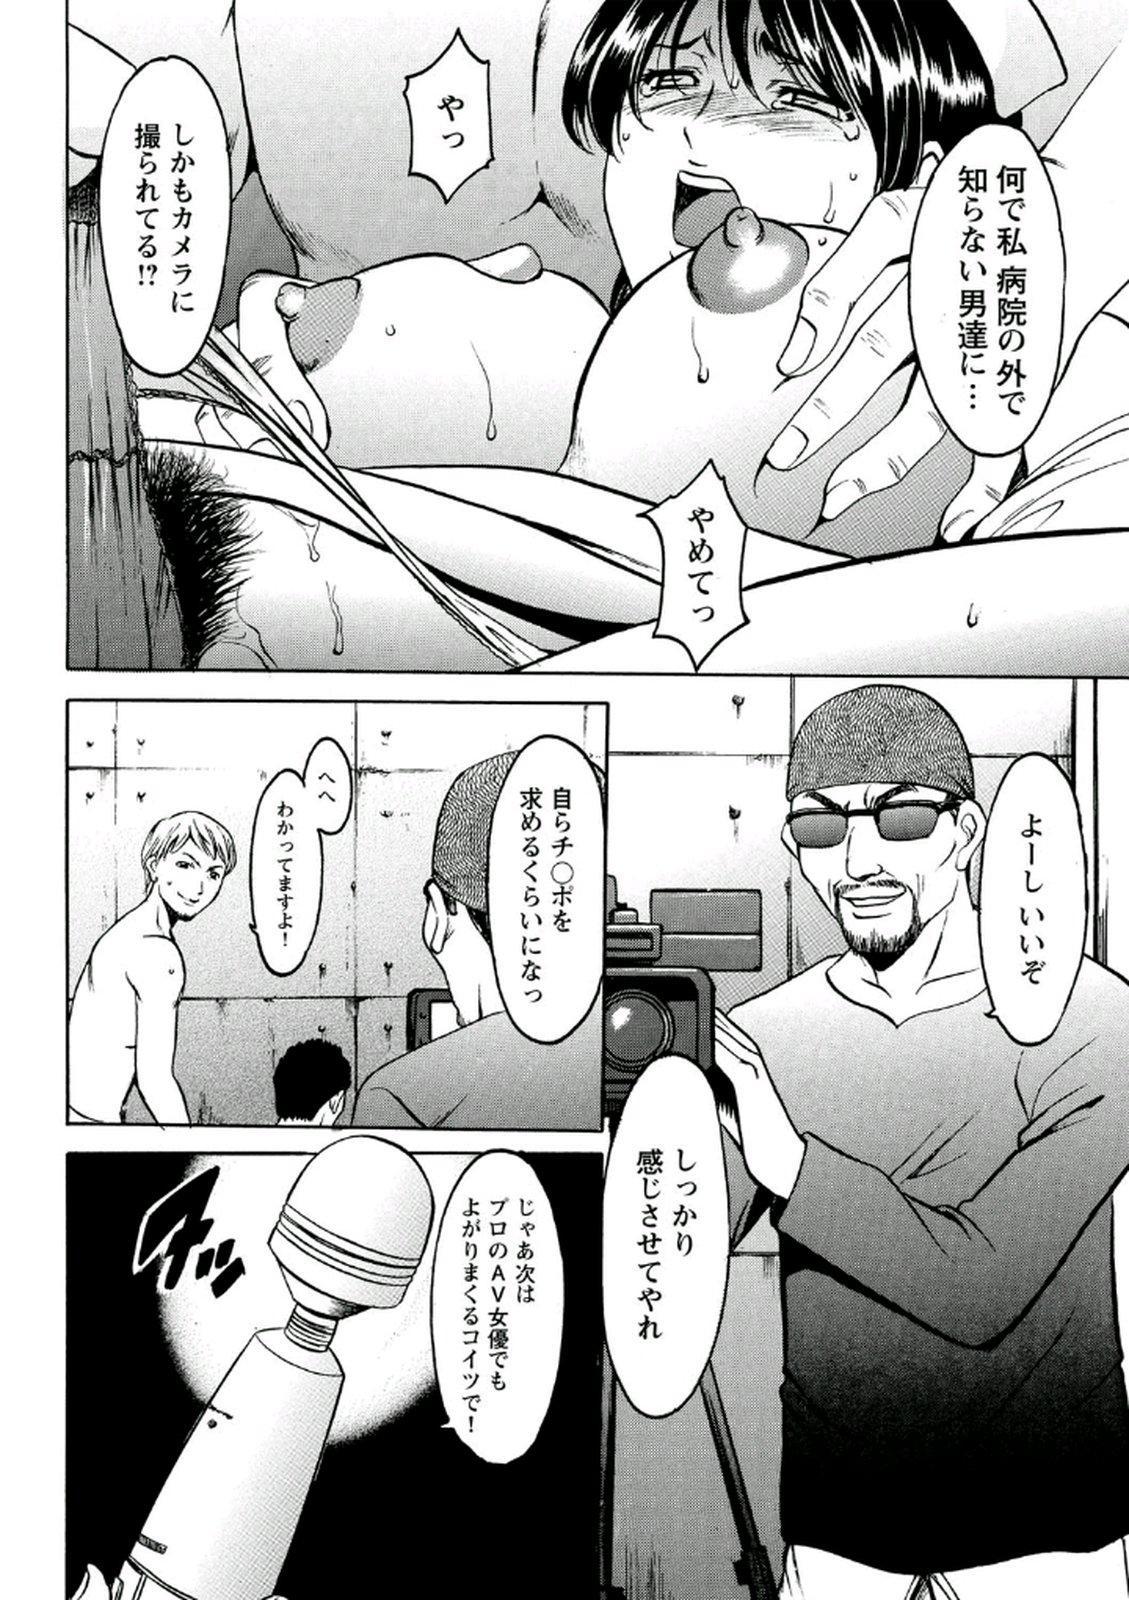 Chijoku Byoutou 145